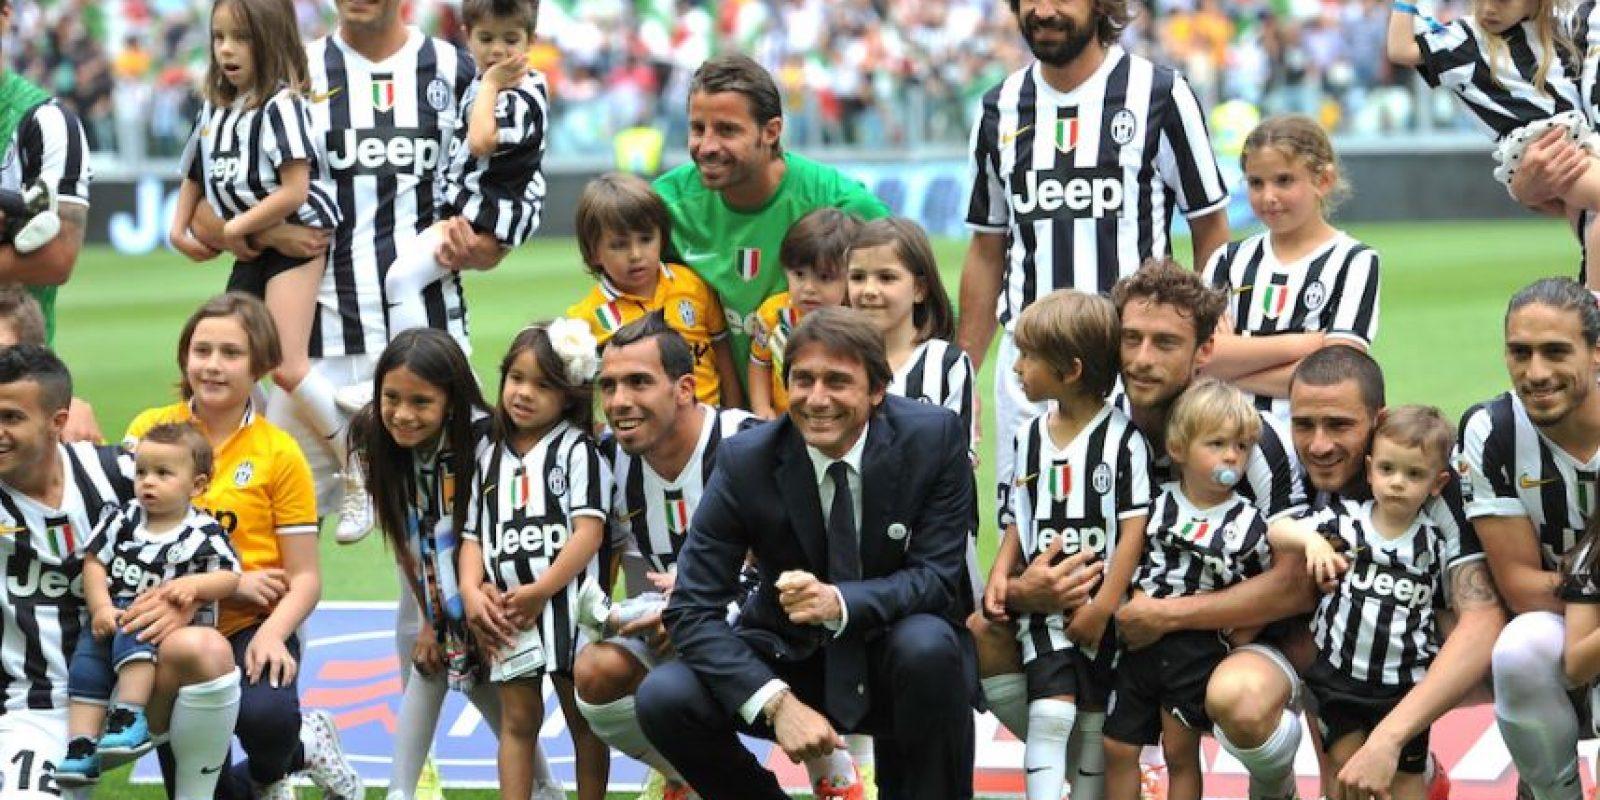 Los futbolistas del club italiano Juventus junto a sus hijos. Foto:Getty Images